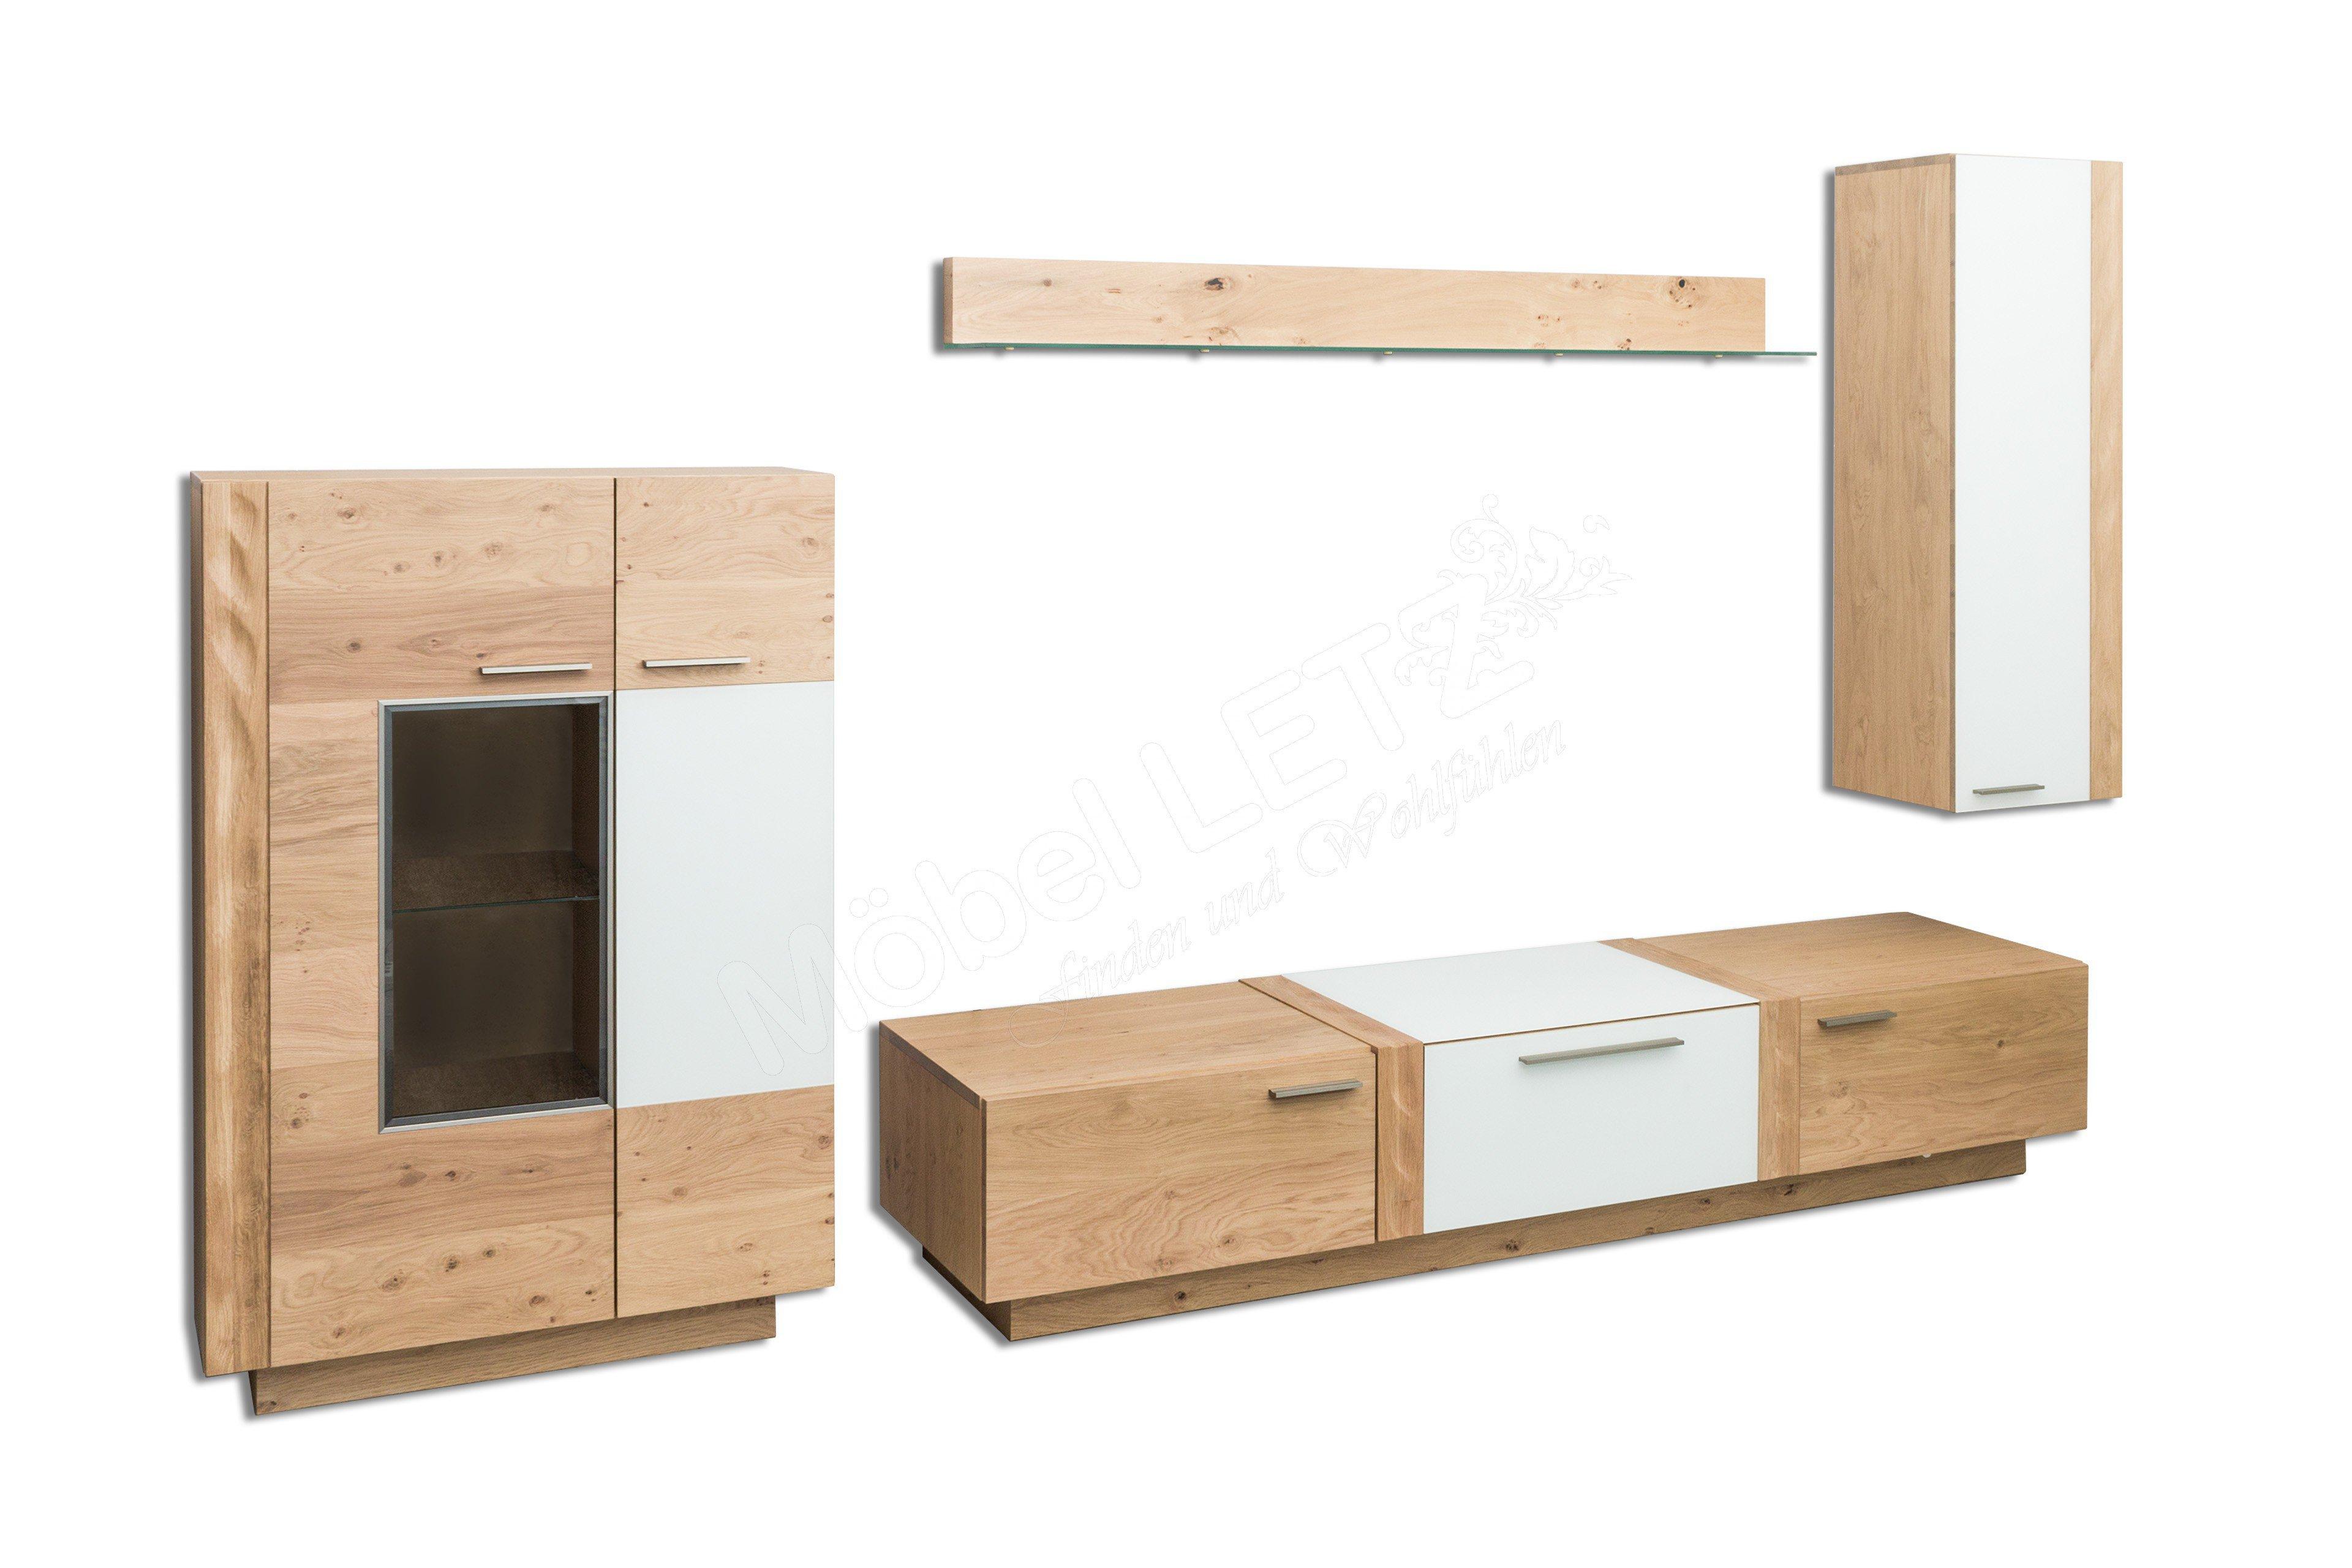 schr der wohnm bel wohnwand kitzalm alpin k005 mit beleuchtung m bel letz ihr online shop. Black Bedroom Furniture Sets. Home Design Ideas